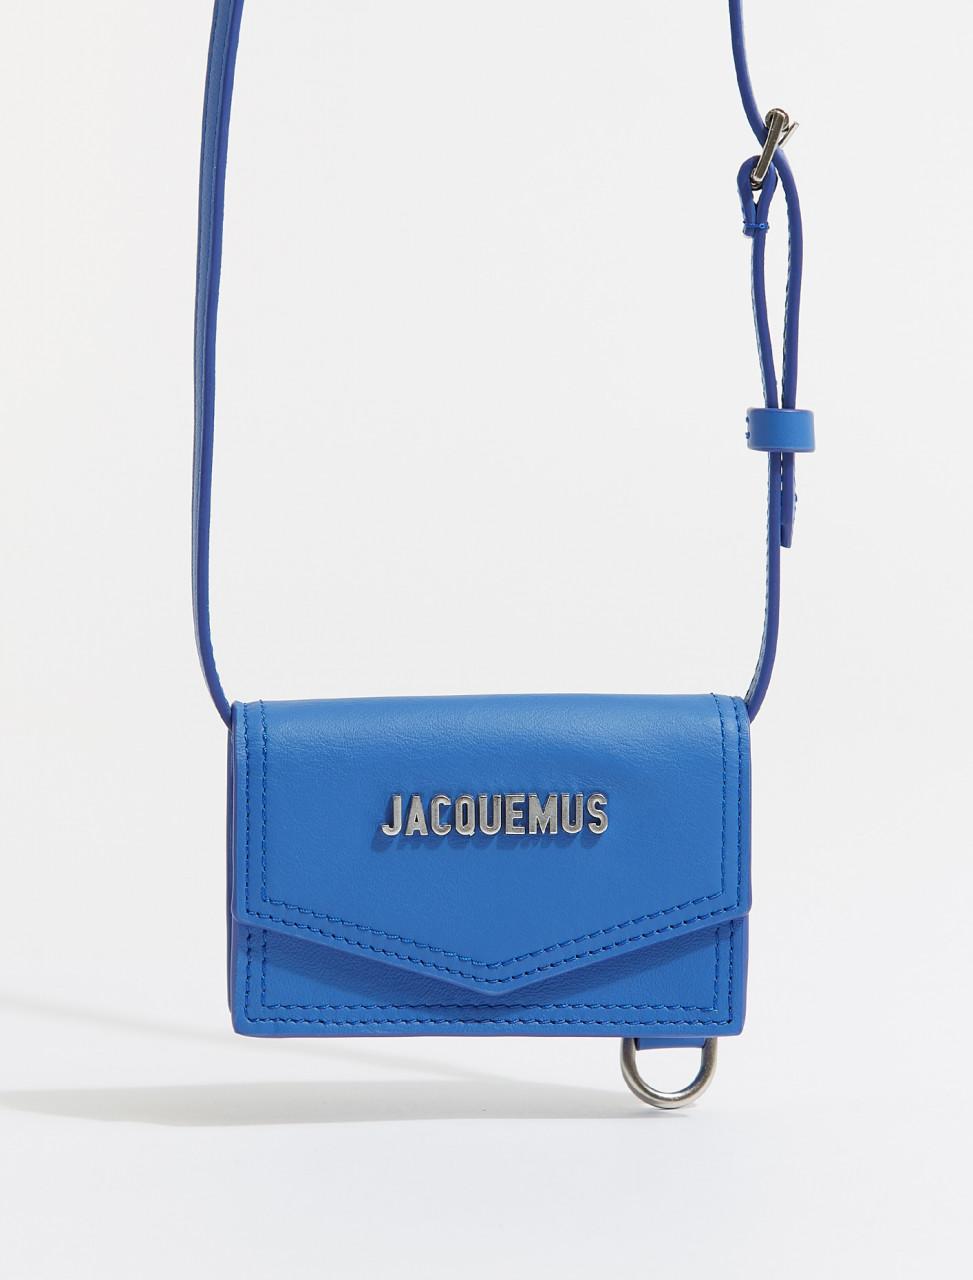 215SL04-215-301350 JACQUEMUS LE PORTE AZUR BLUE